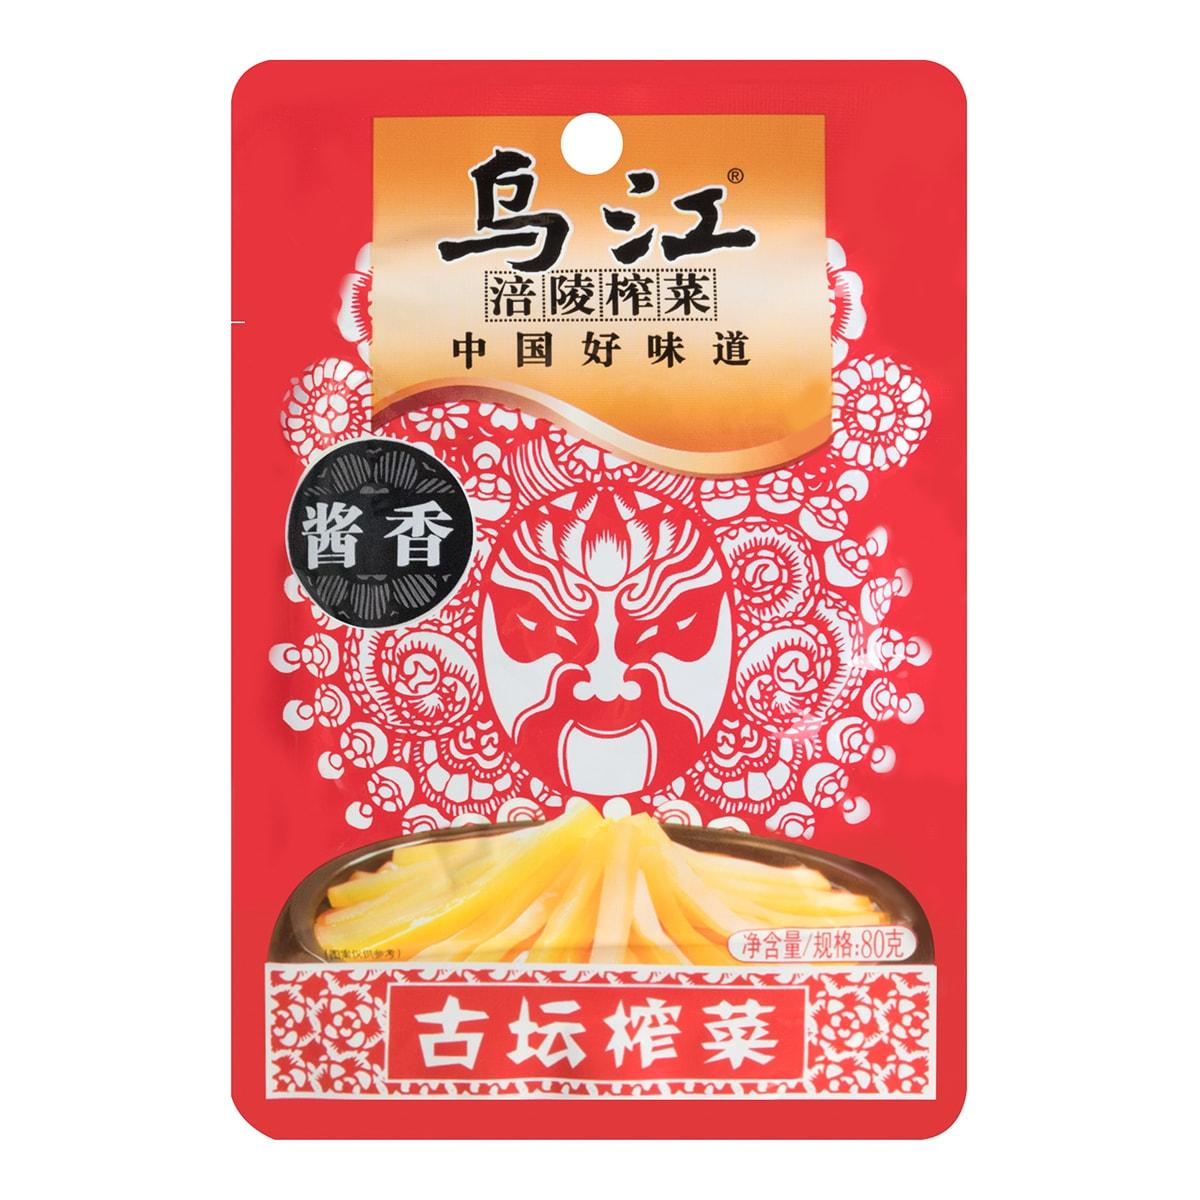 乌江涪陵榨菜 酱香古坛榨菜 80g